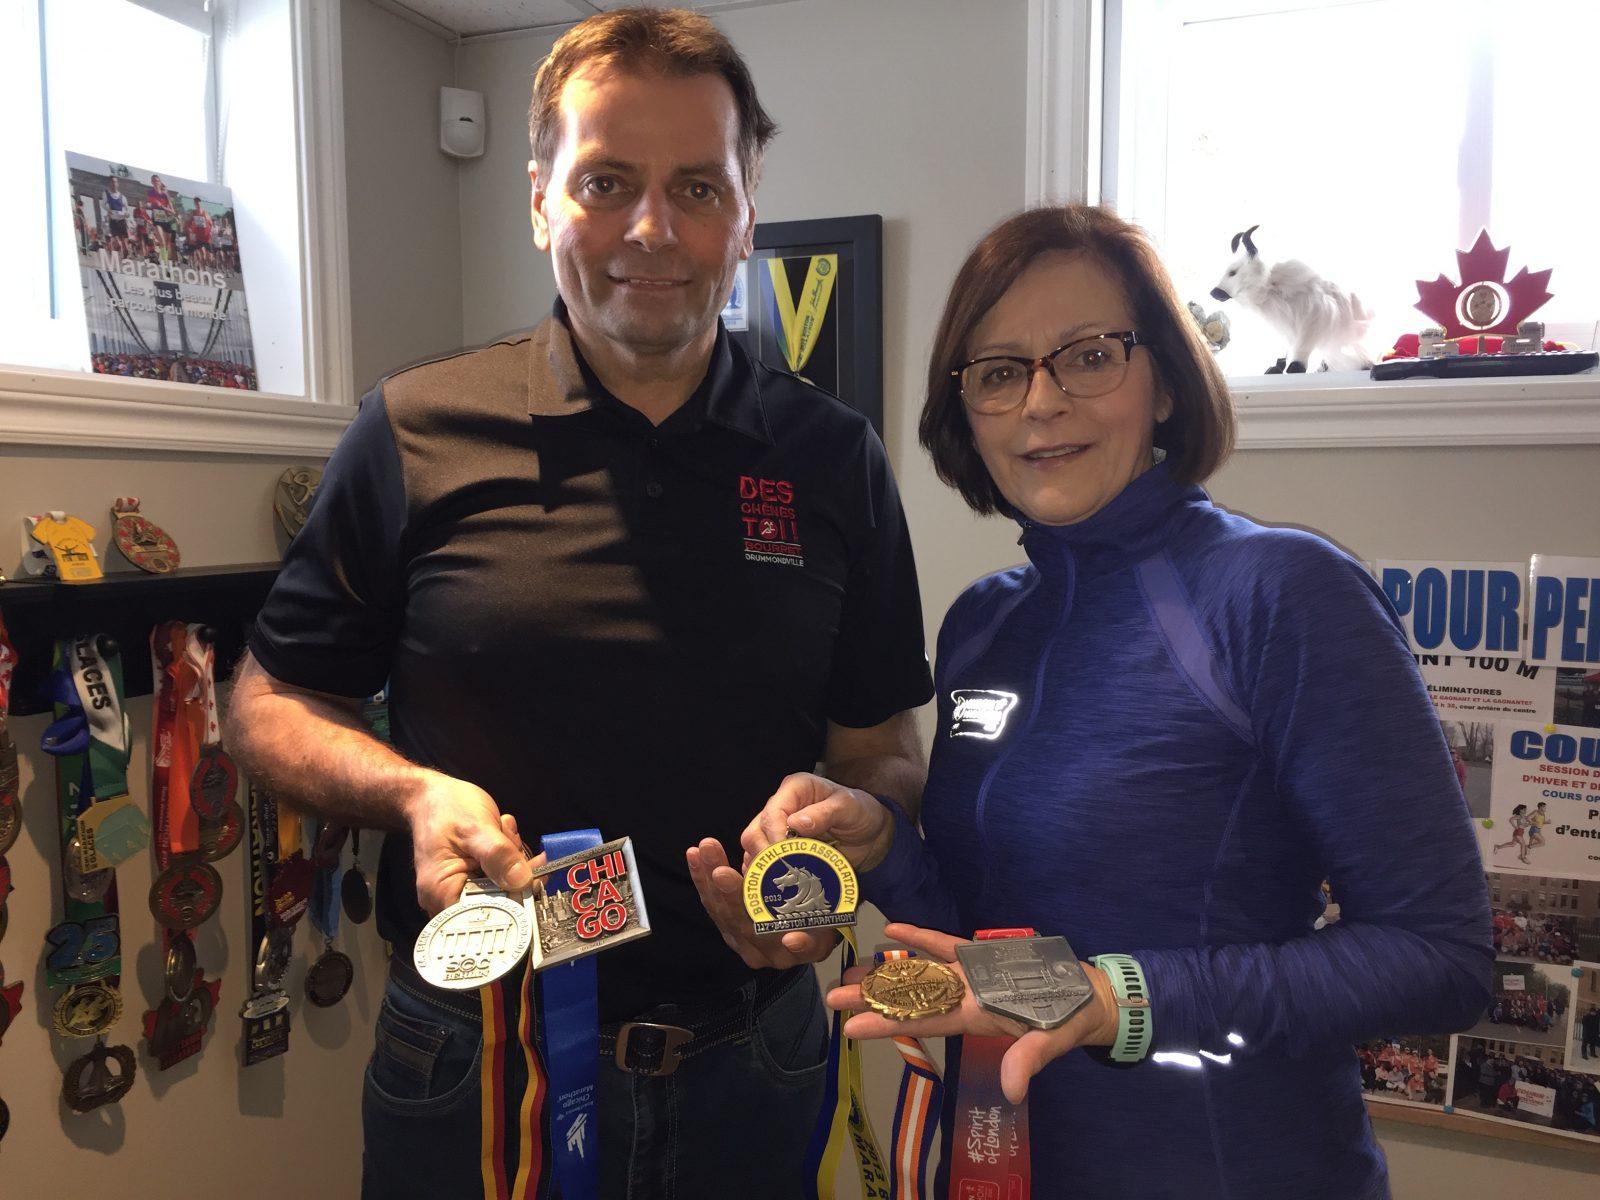 Courir, une passion contagieuse pour Carl Houle et Andrée Lanoie